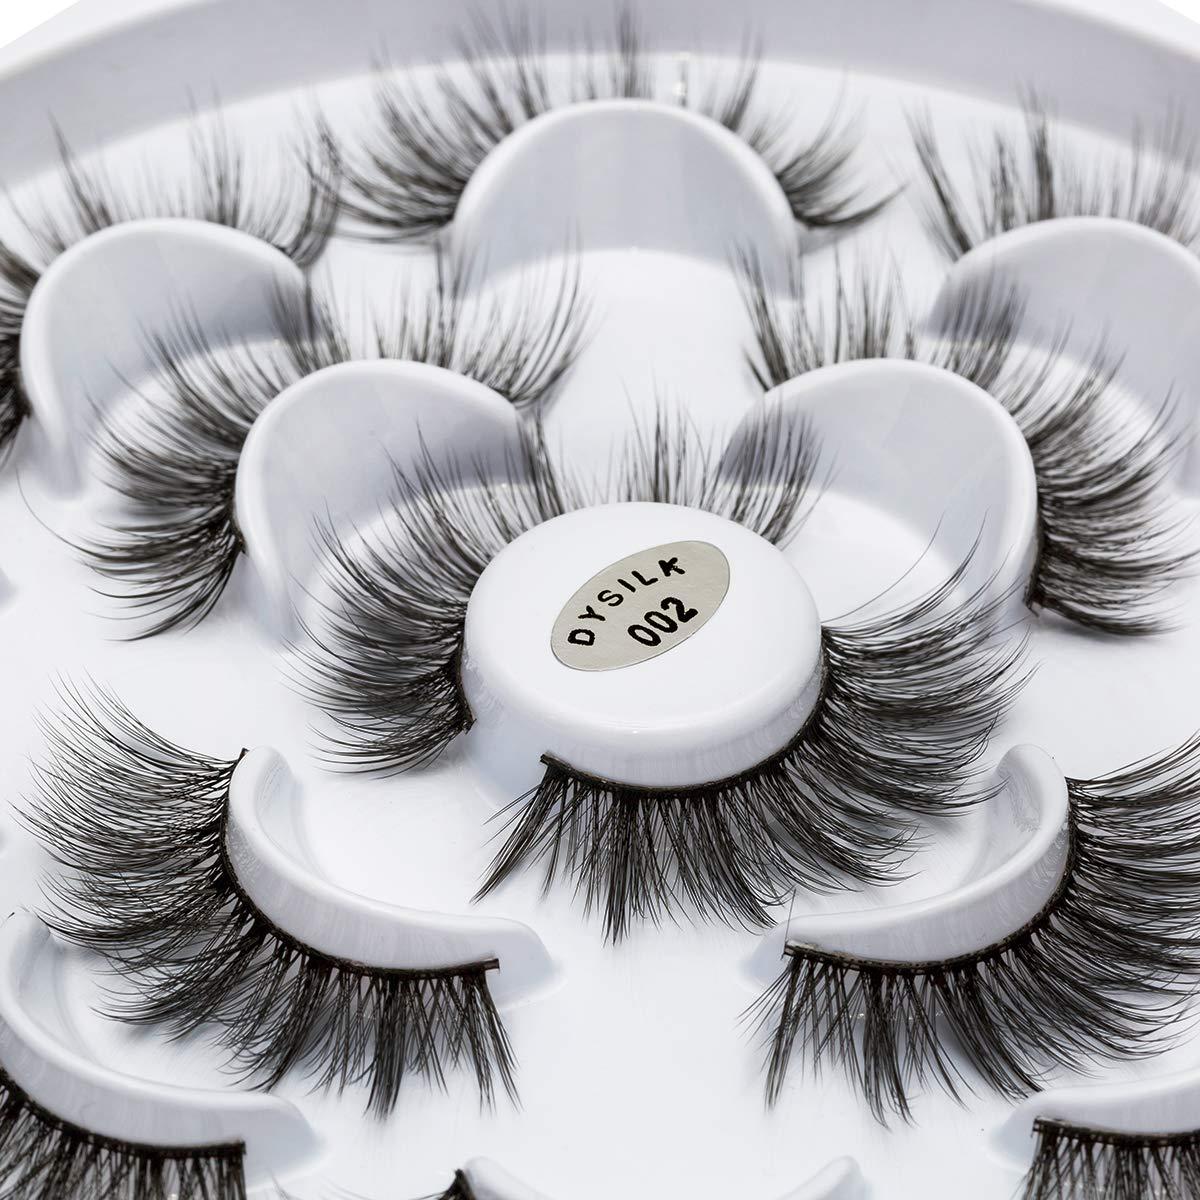 DYSILK 7 Pairs False Eyelashes 3D Fake Eyelashes Dramatic Look Eyelashes Makeup Long Handmade Soft Thick Lashes Extension Fluffy Resuable Black